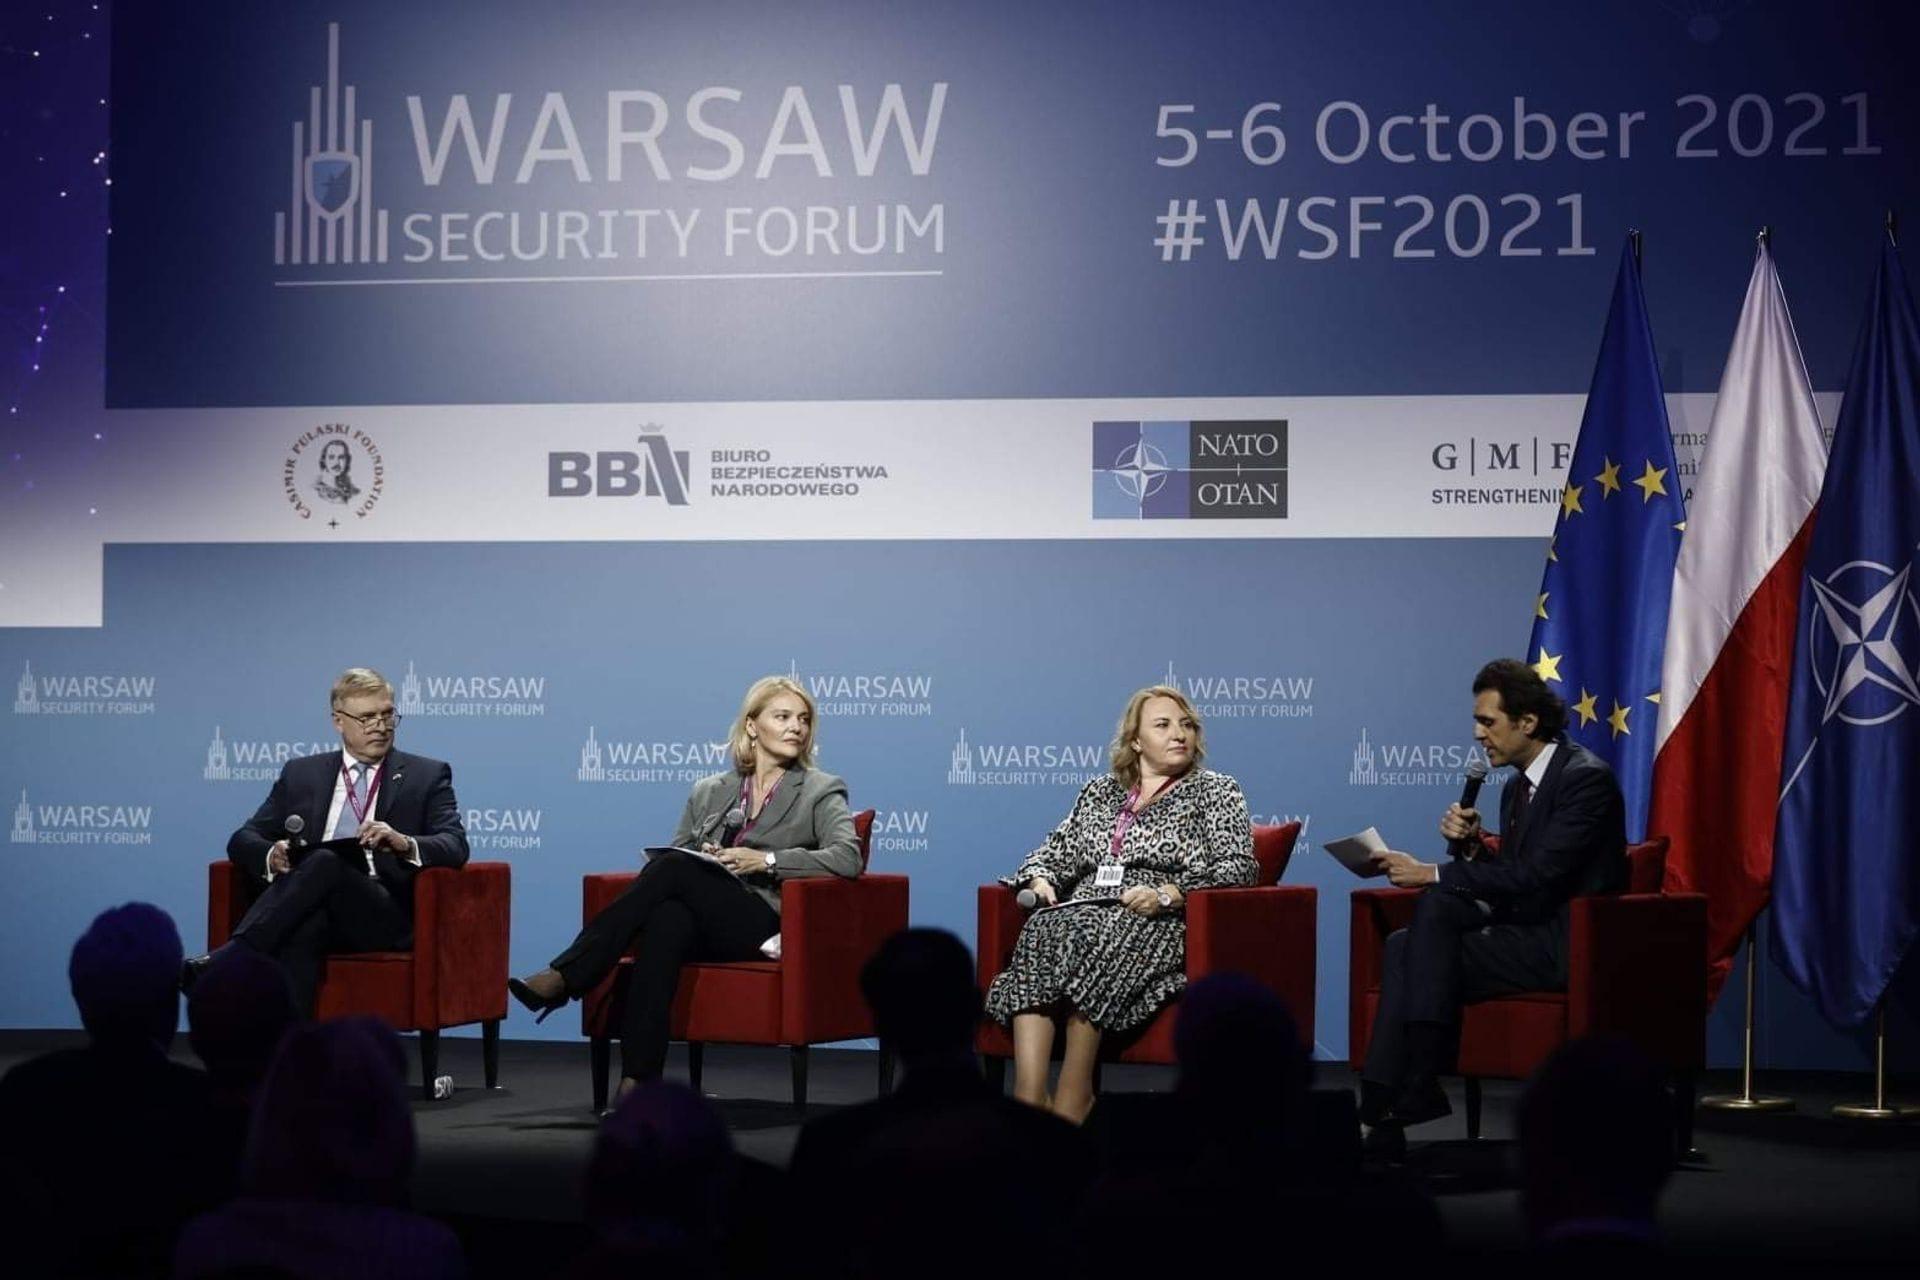 Varšavski bezbjednosni forum